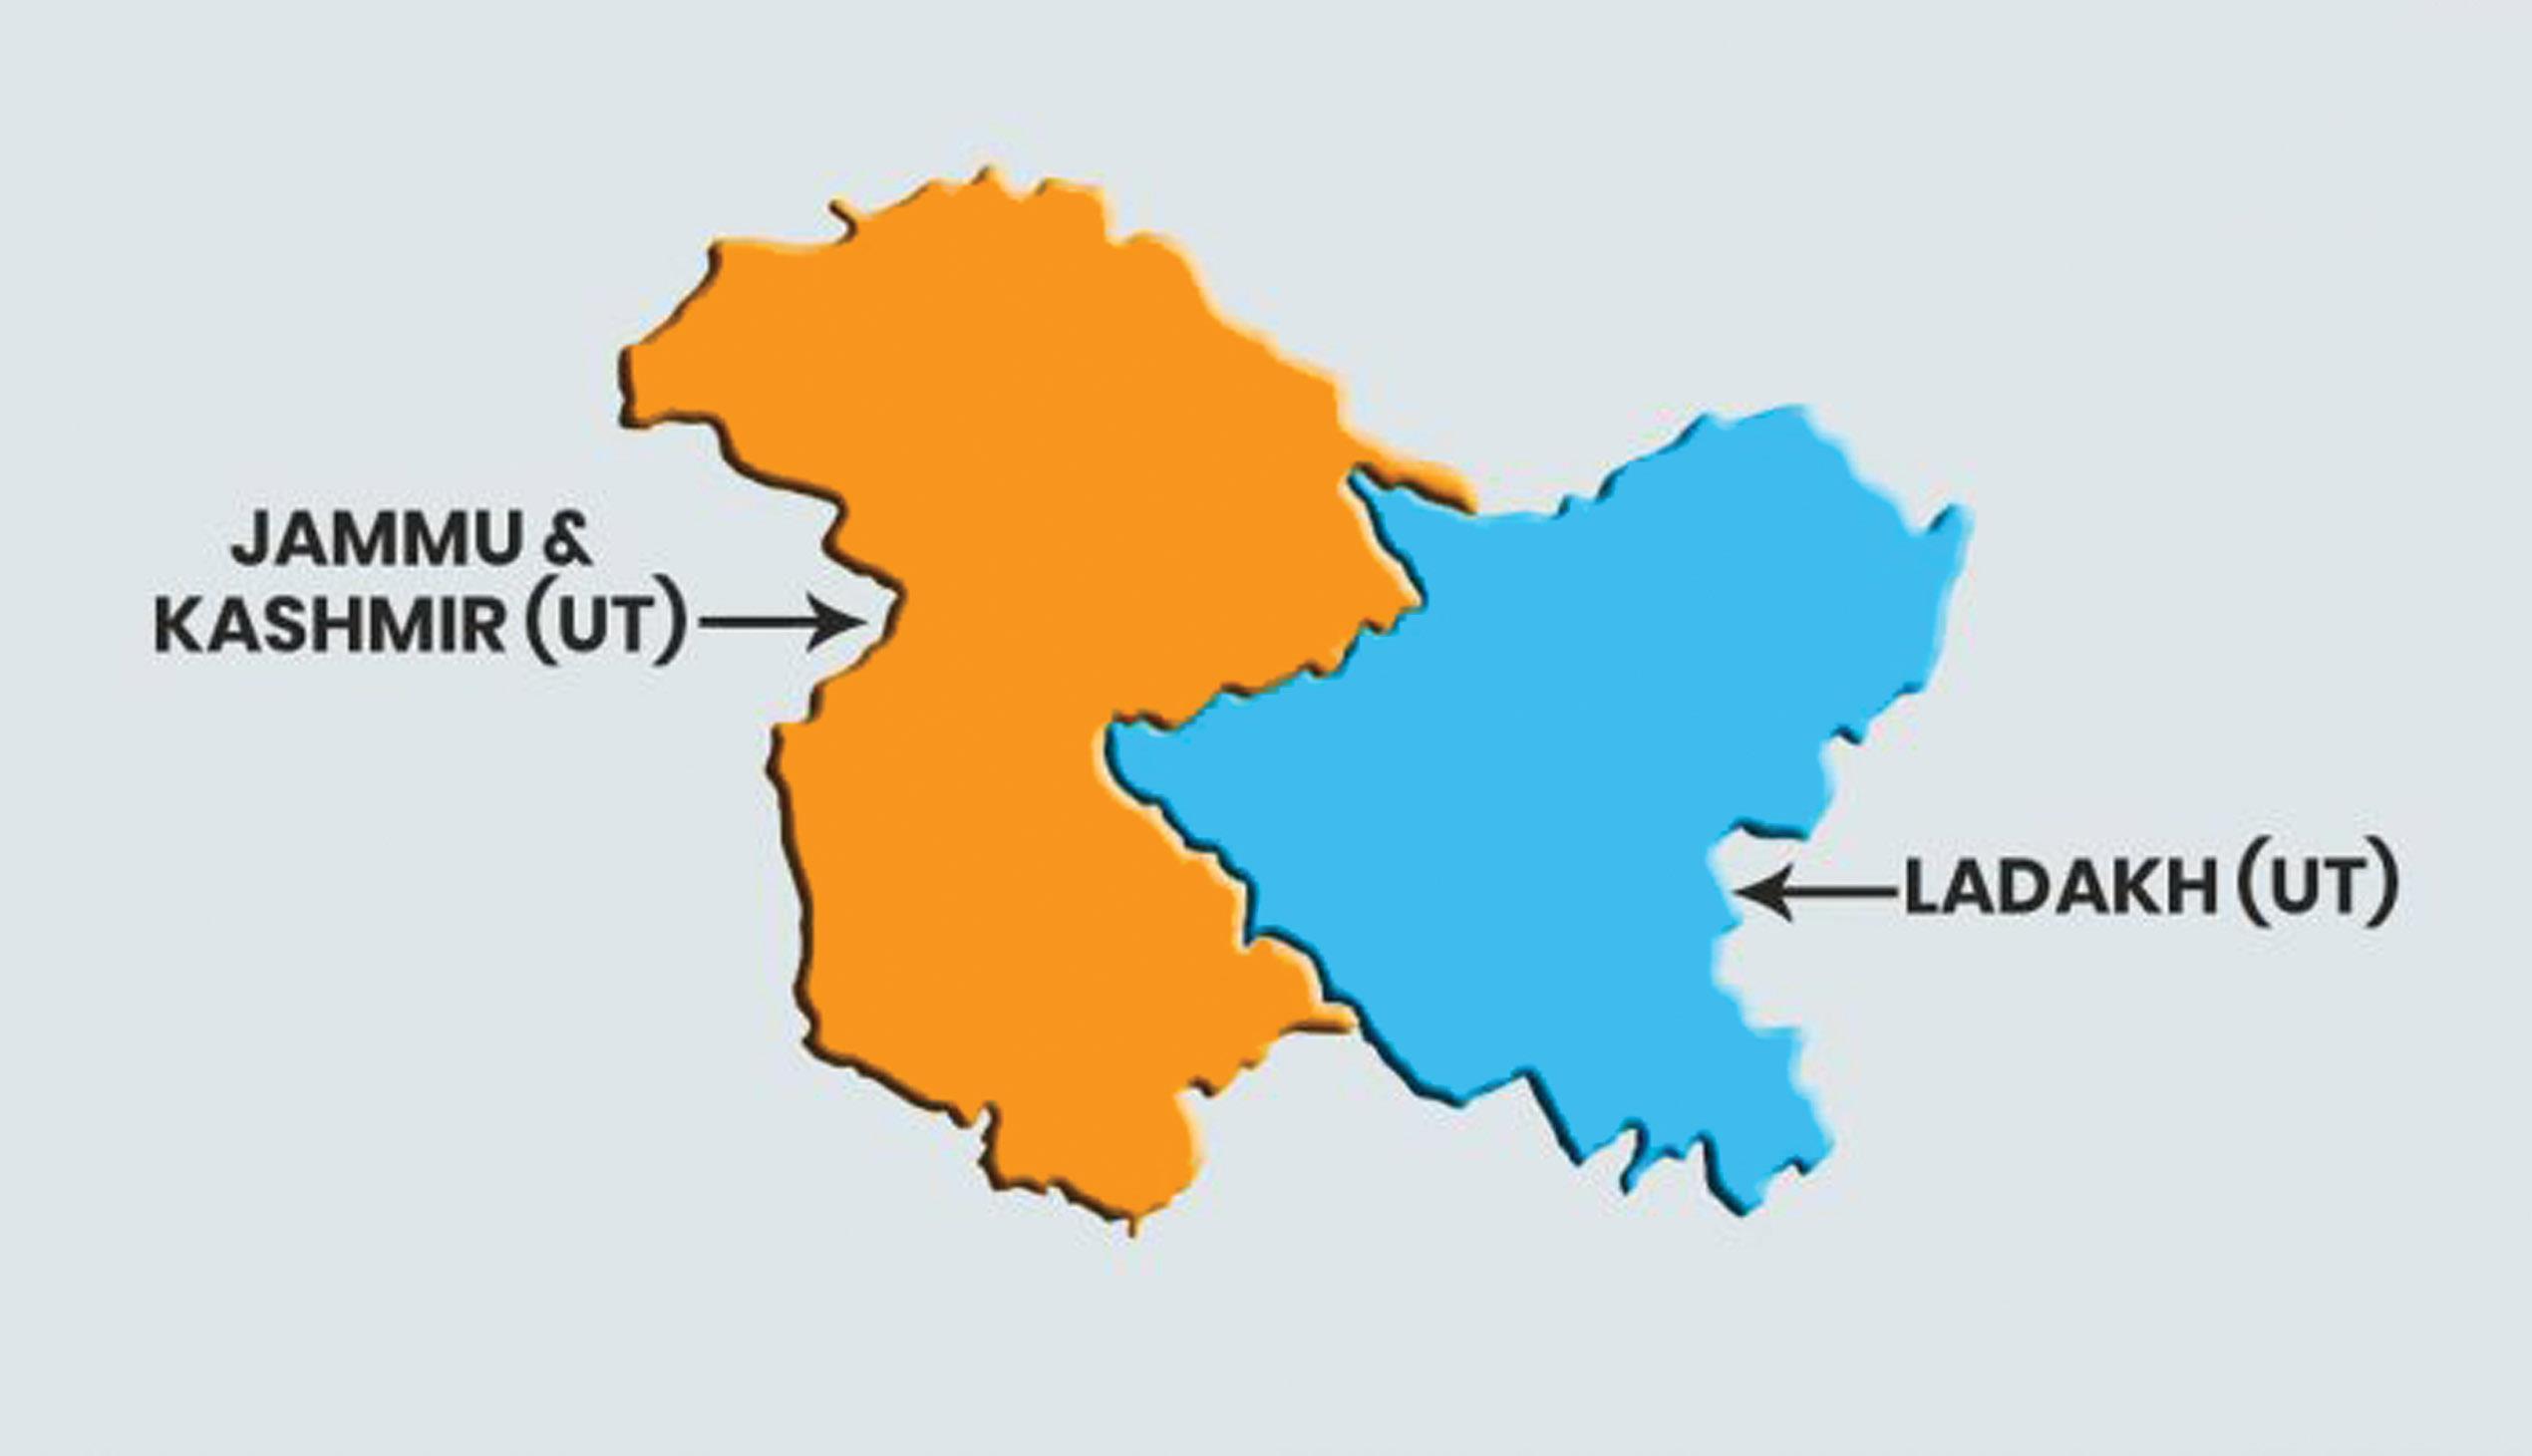 28 மாநிலங்கள், 9 யூனியன் பிரதேசங்கள் கொண்ட நாடாக இந்தியா உருவானது.!